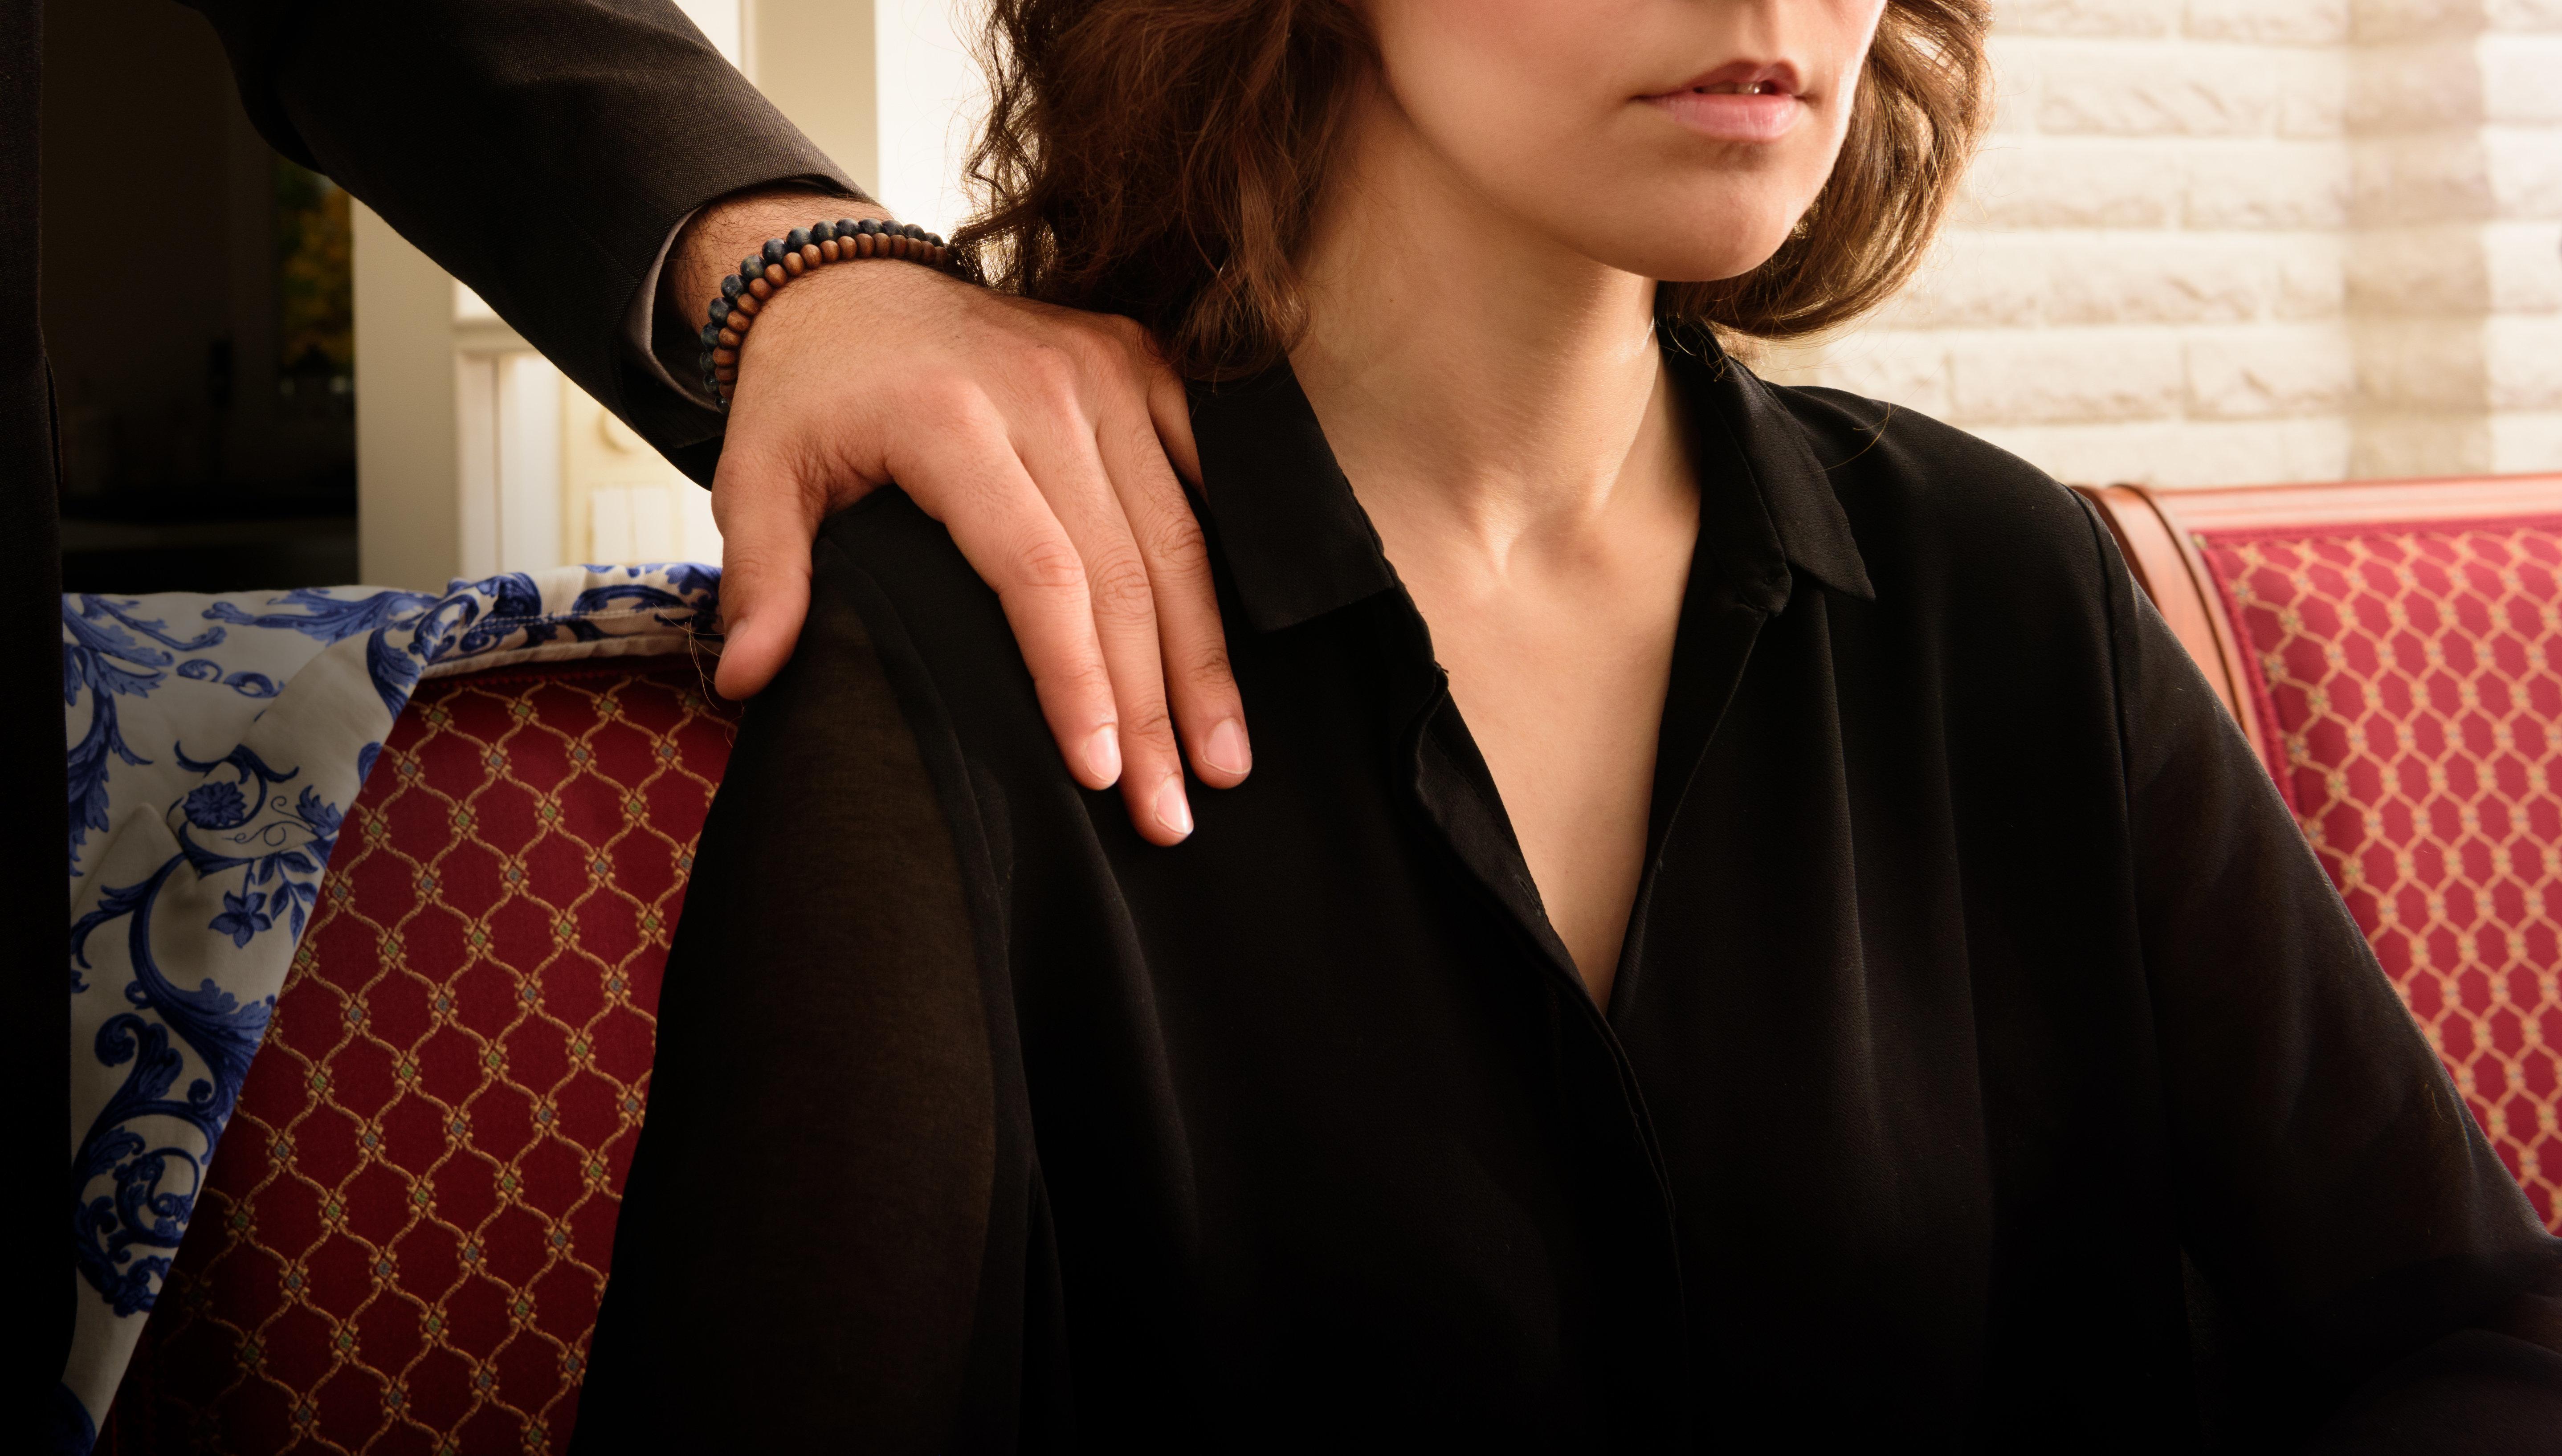 Frau wird in einem Restaurant belästigt – dann hilft ihr eine Fremde mit einem simplen Trick